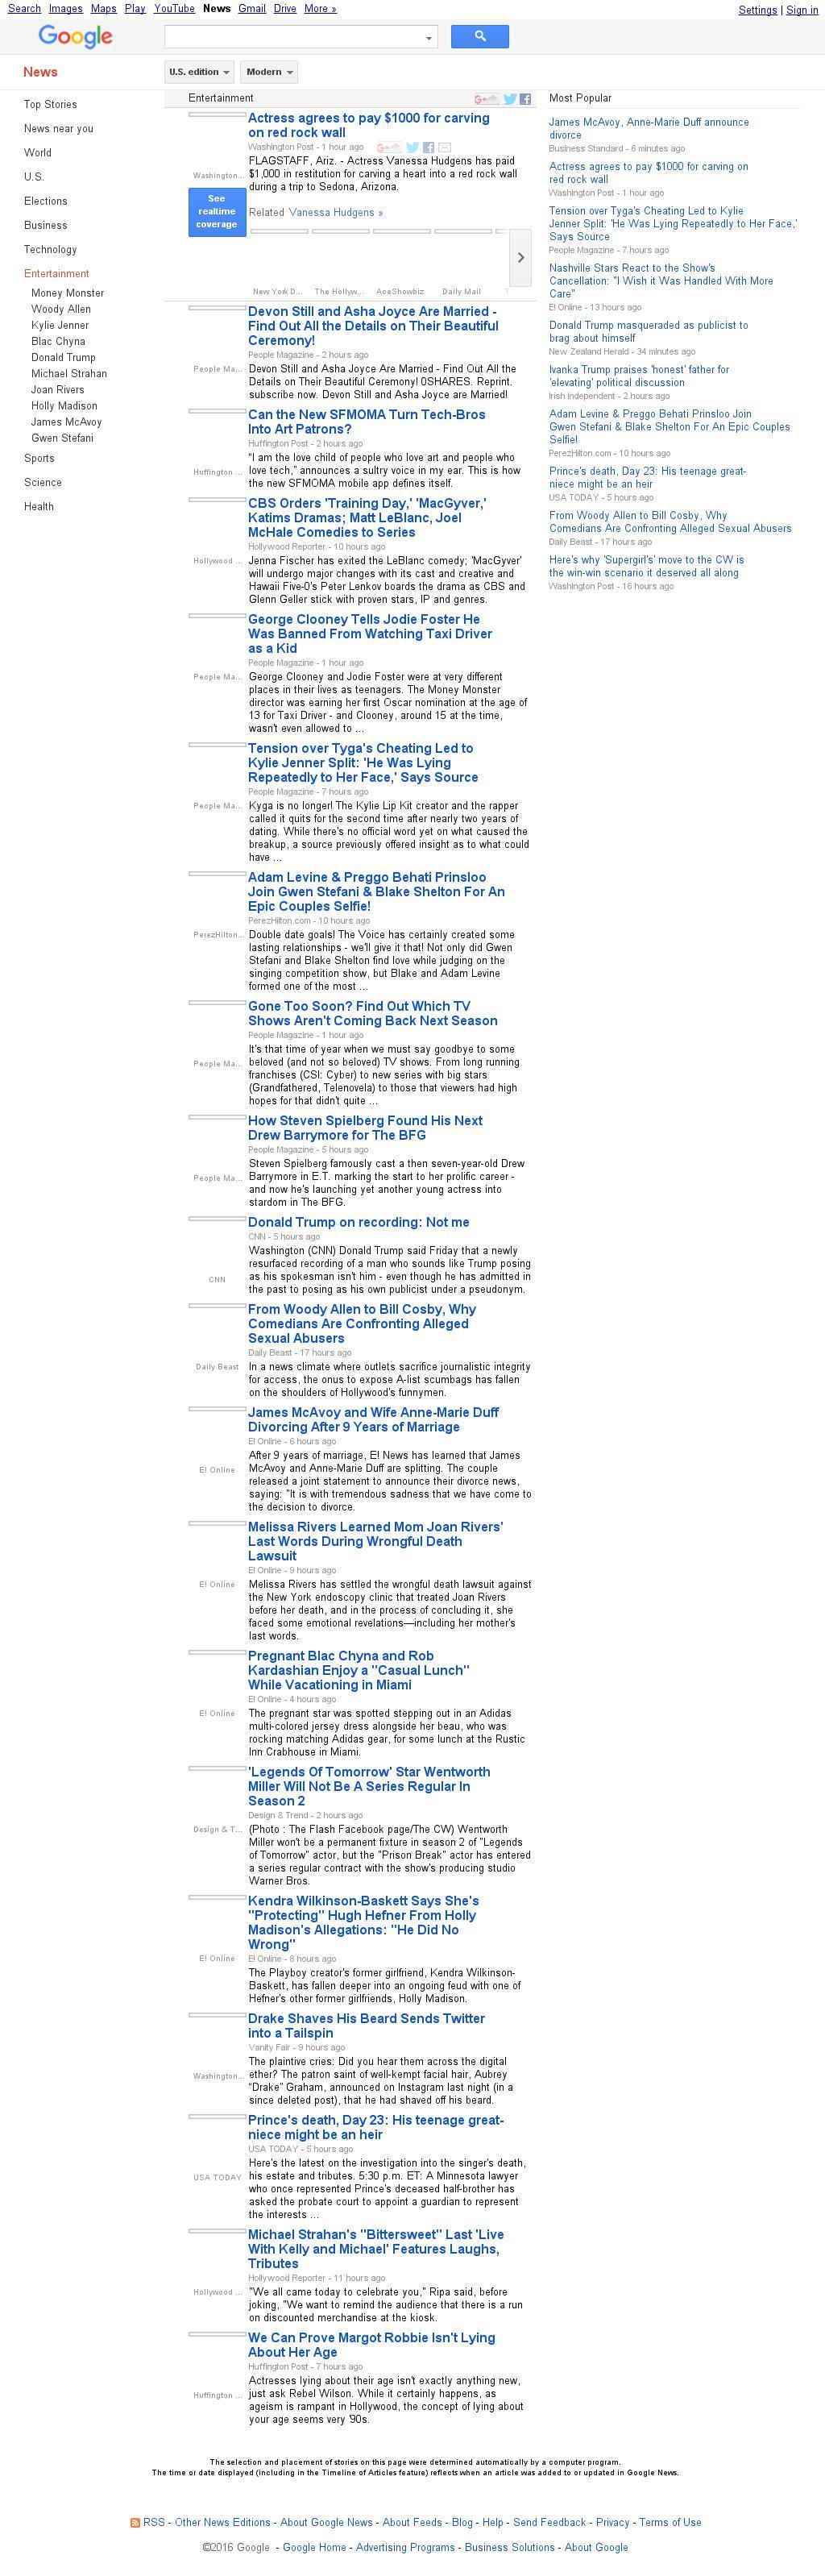 Google News: Entertainment at Saturday May 14, 2016, 4:08 a.m. UTC